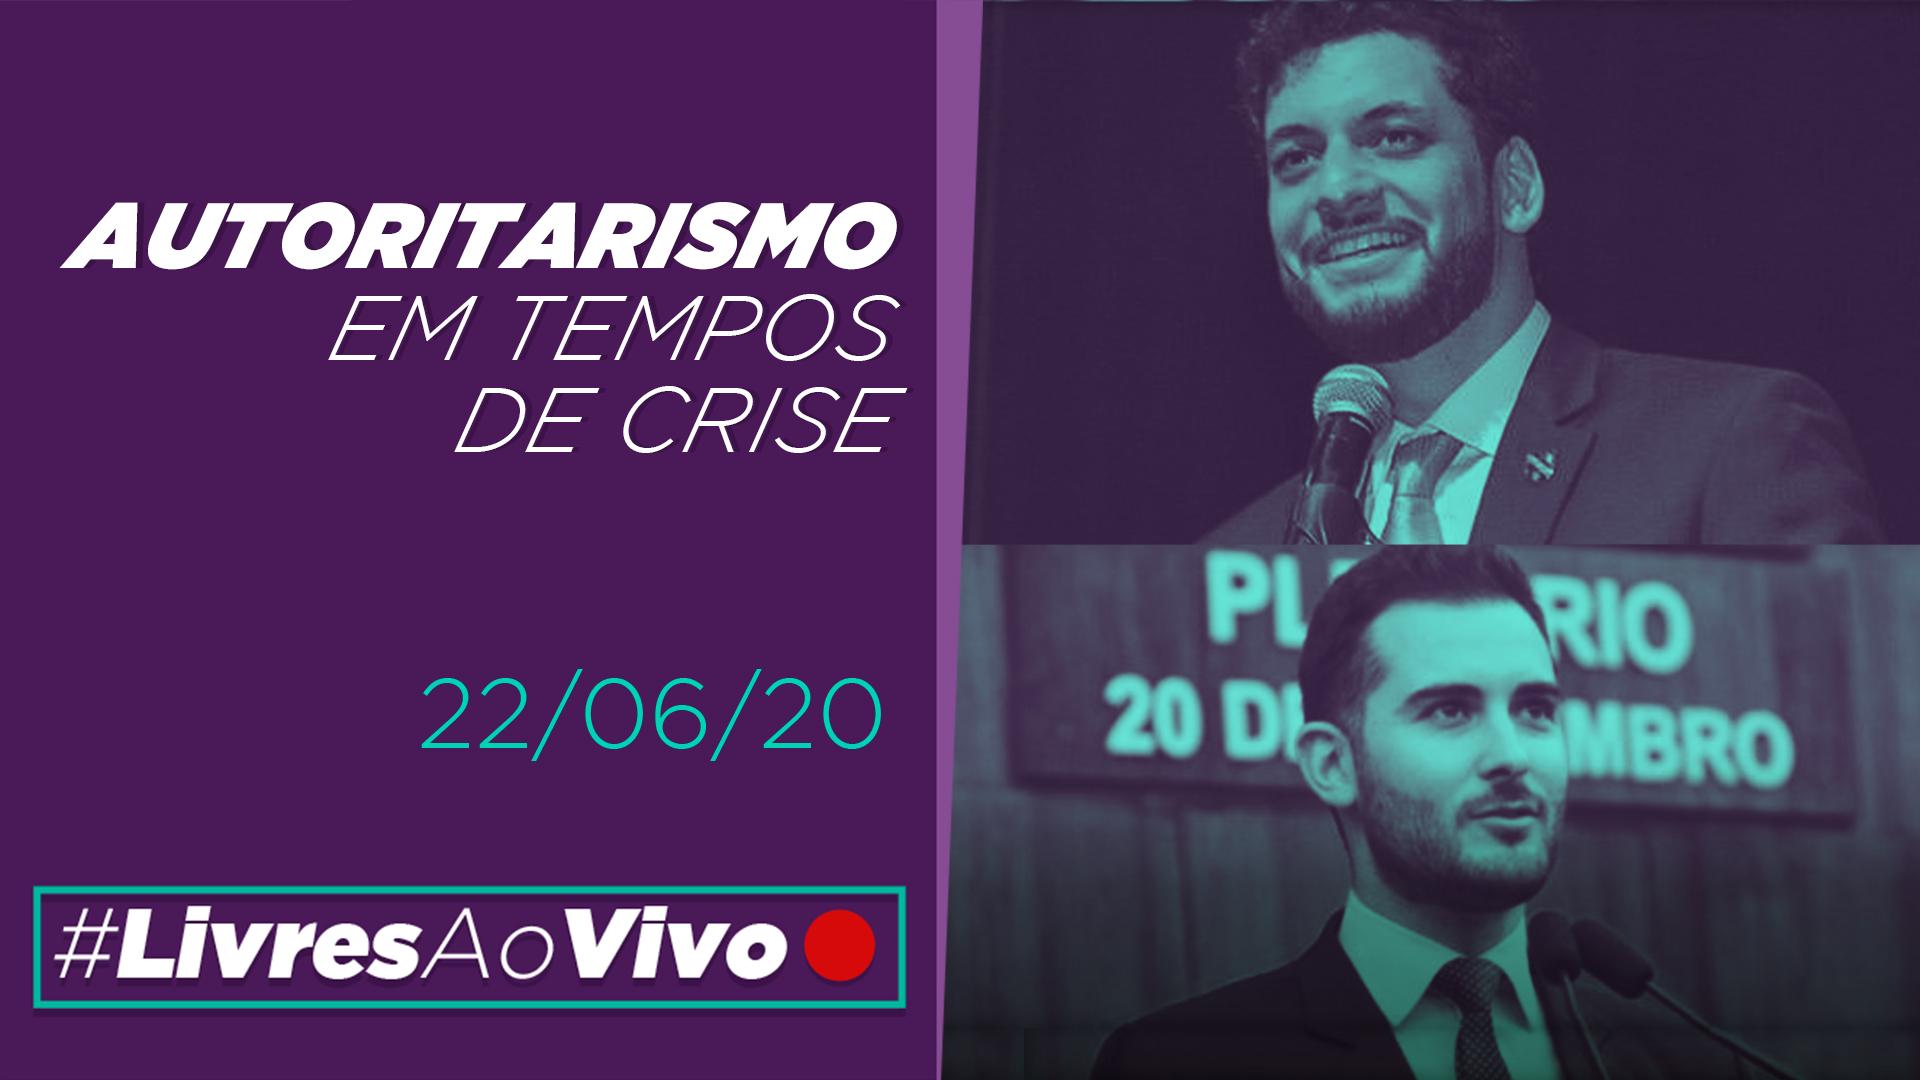 Raphael Lima e Giuseppe Riesgo: Autoritarismo em tempos de crise